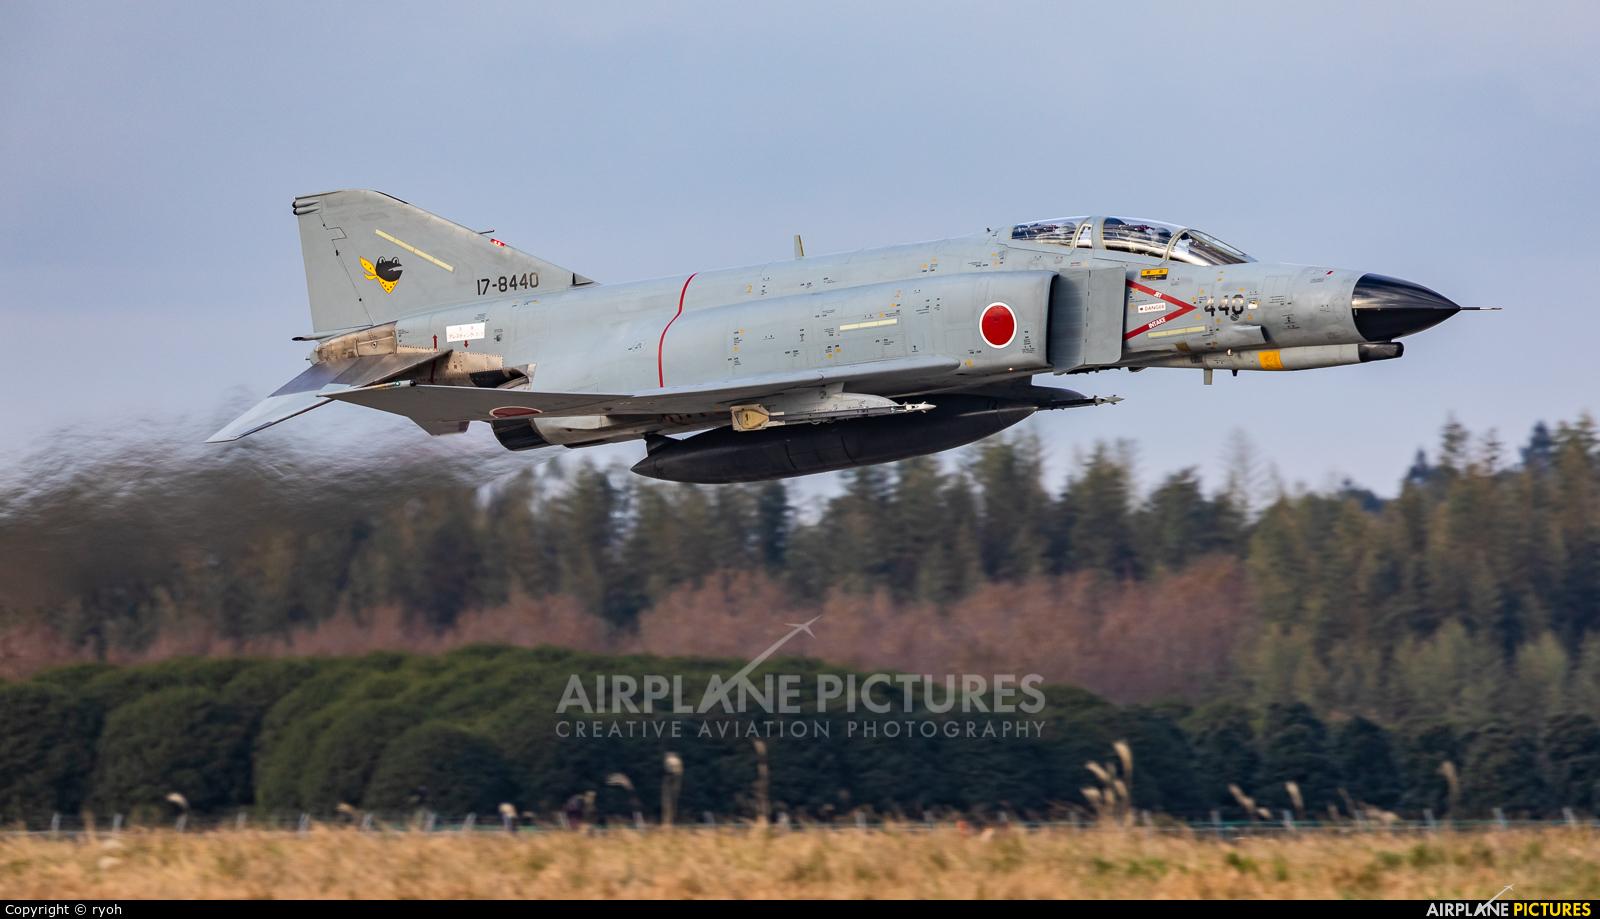 Japan - Air Self Defence Force 17-8440 aircraft at Ibaraki - Hyakuri AB